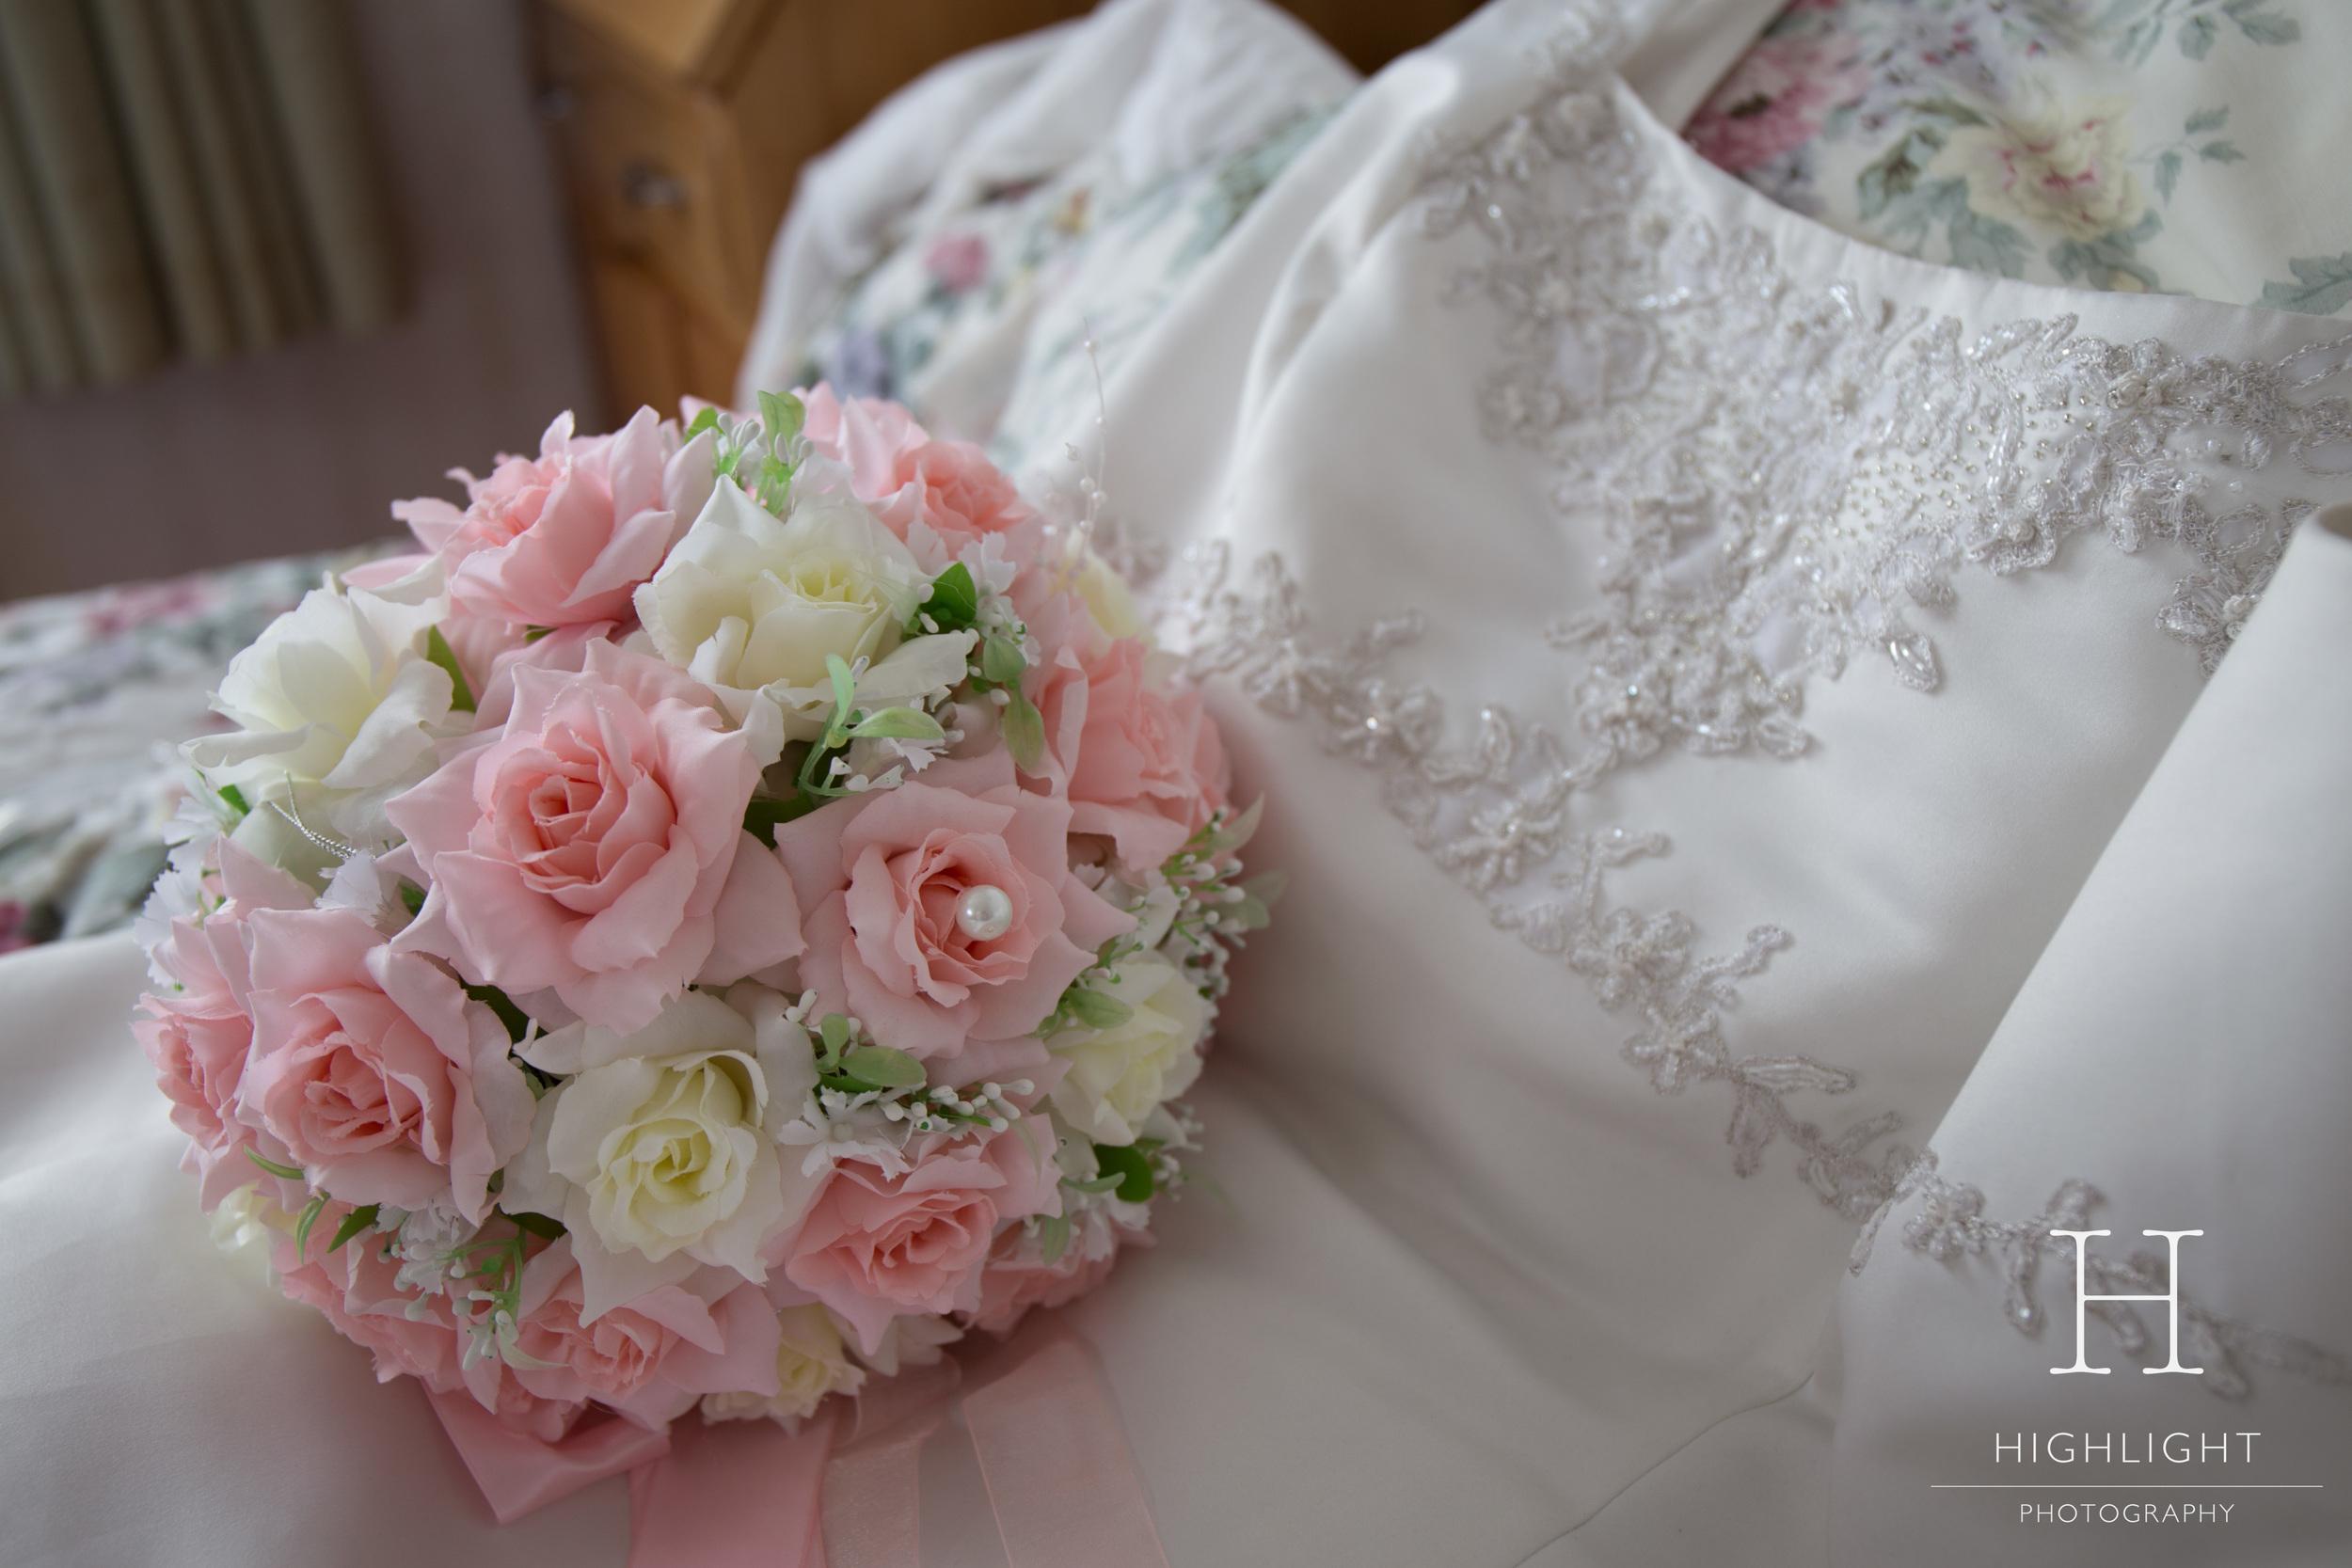 highlight_ha_flowers.jpg